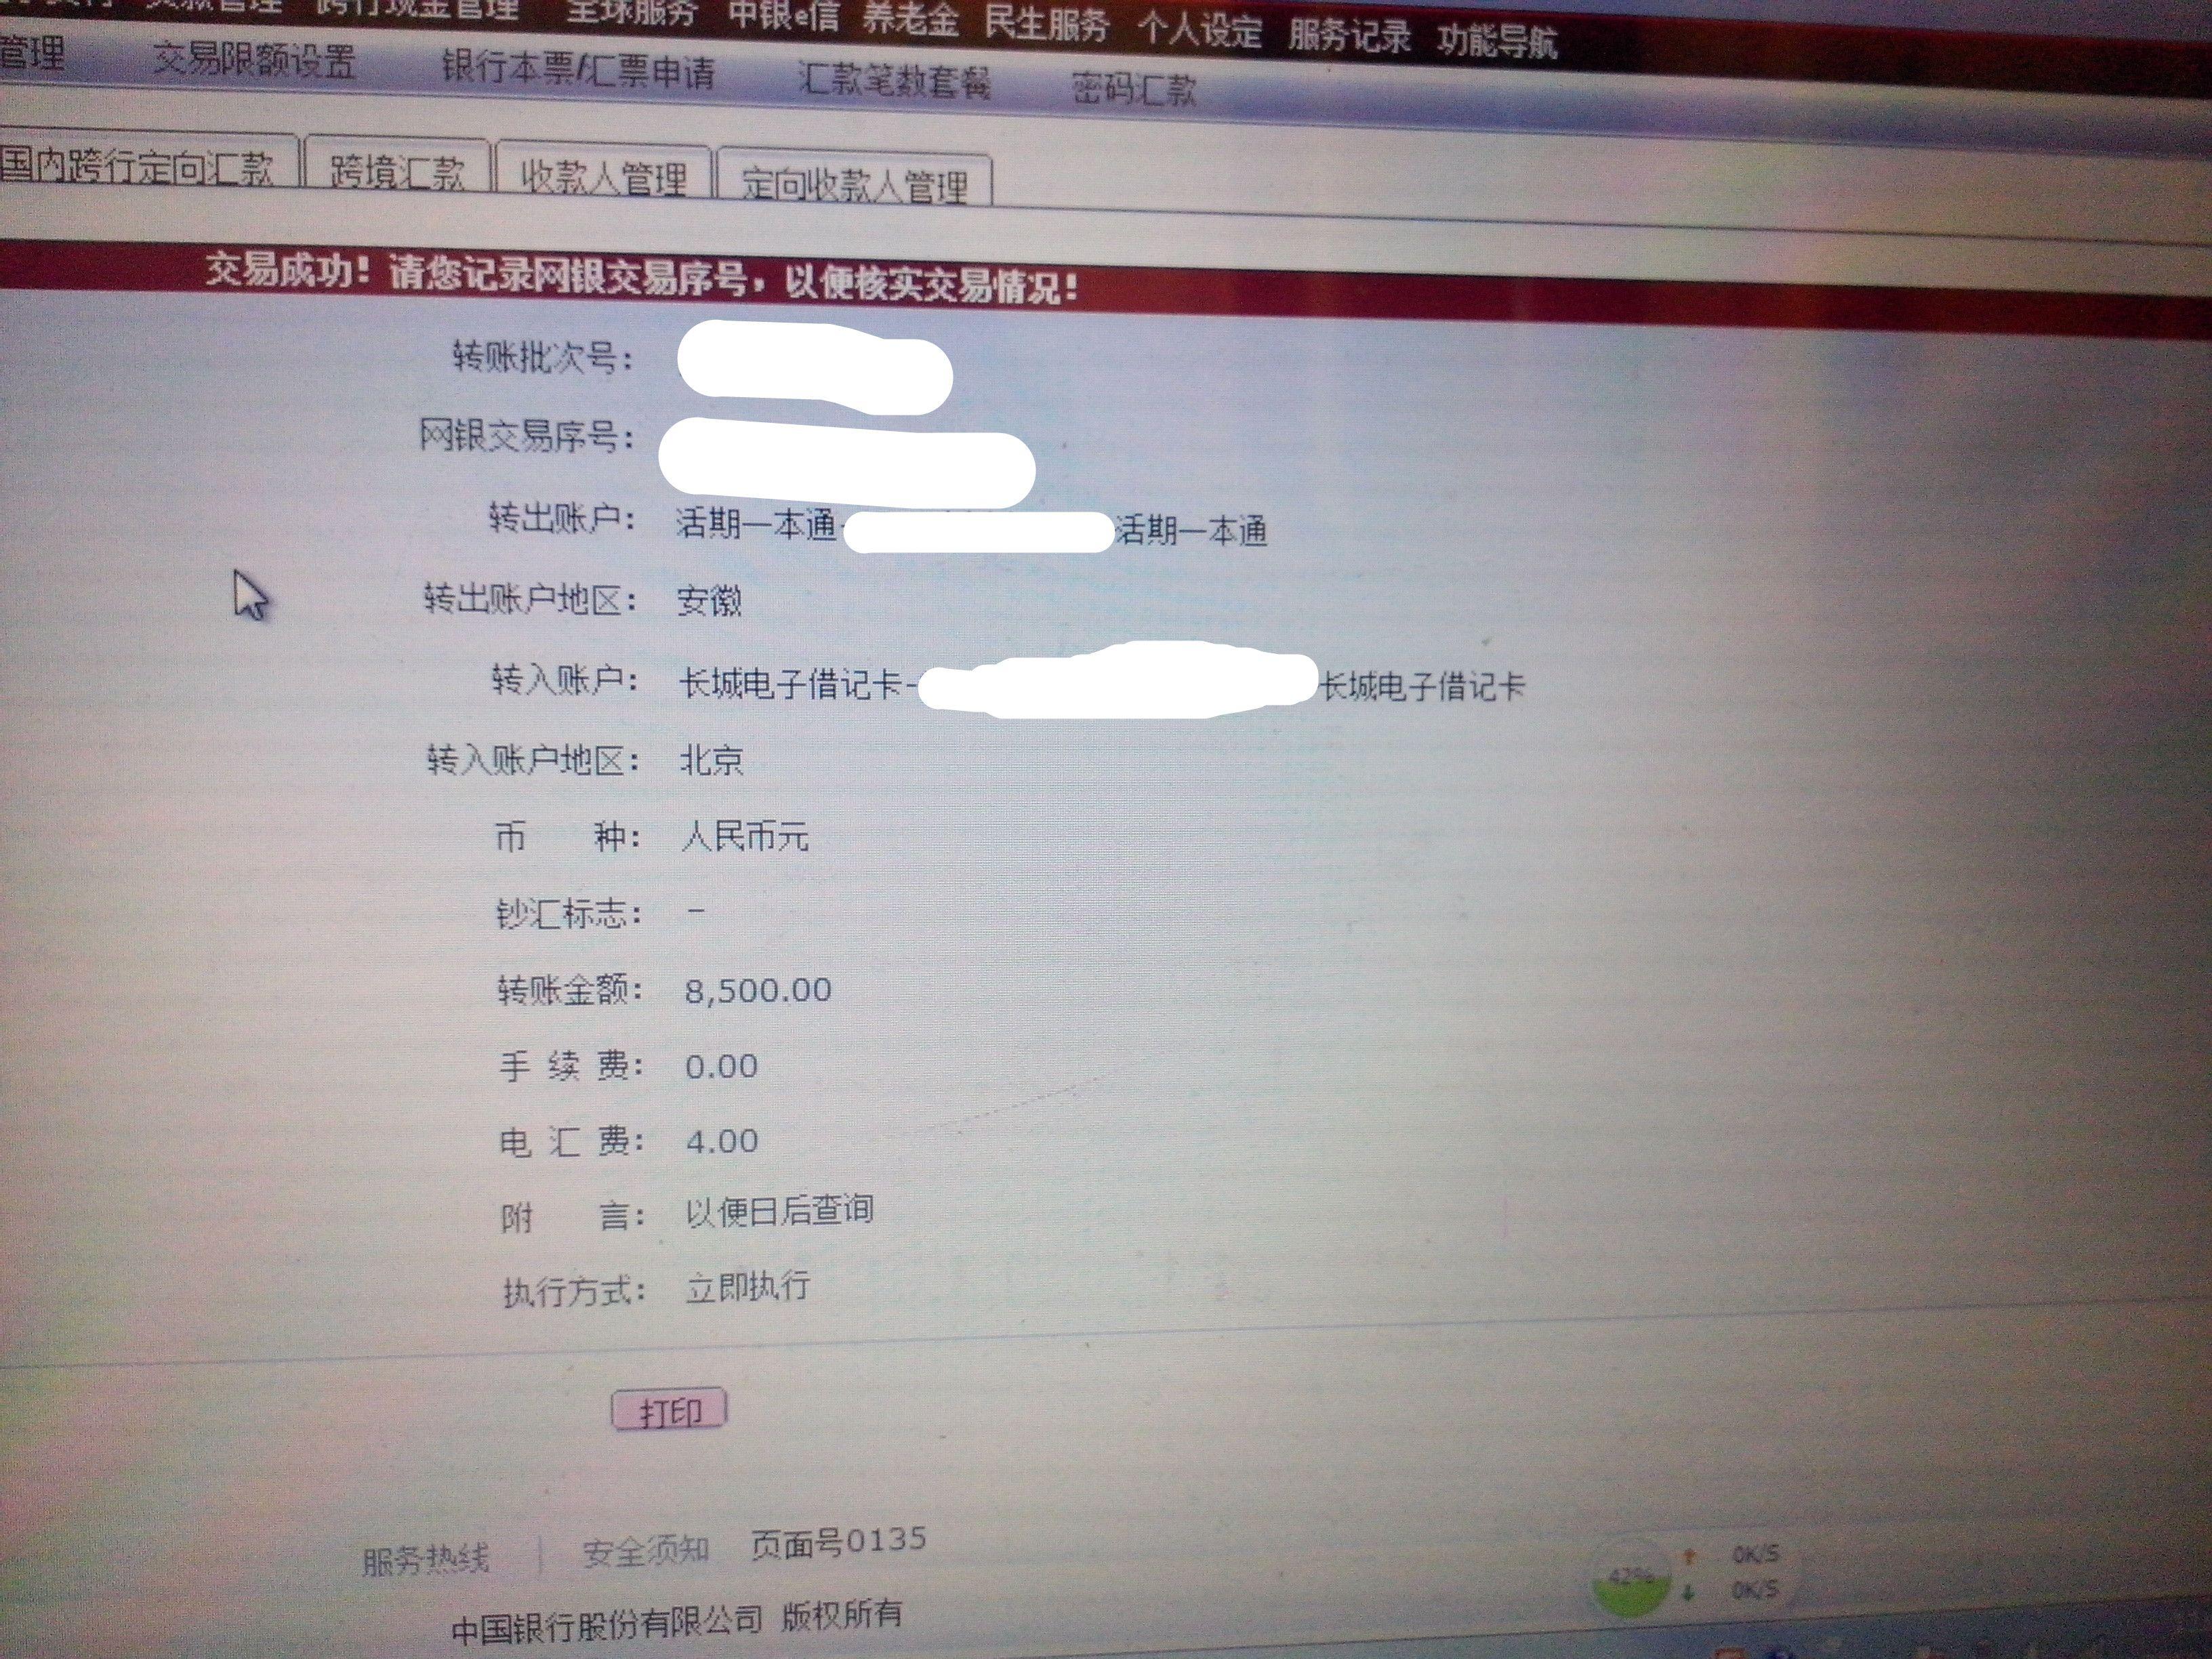 中国银行关联账户转账收手续费吗?图片